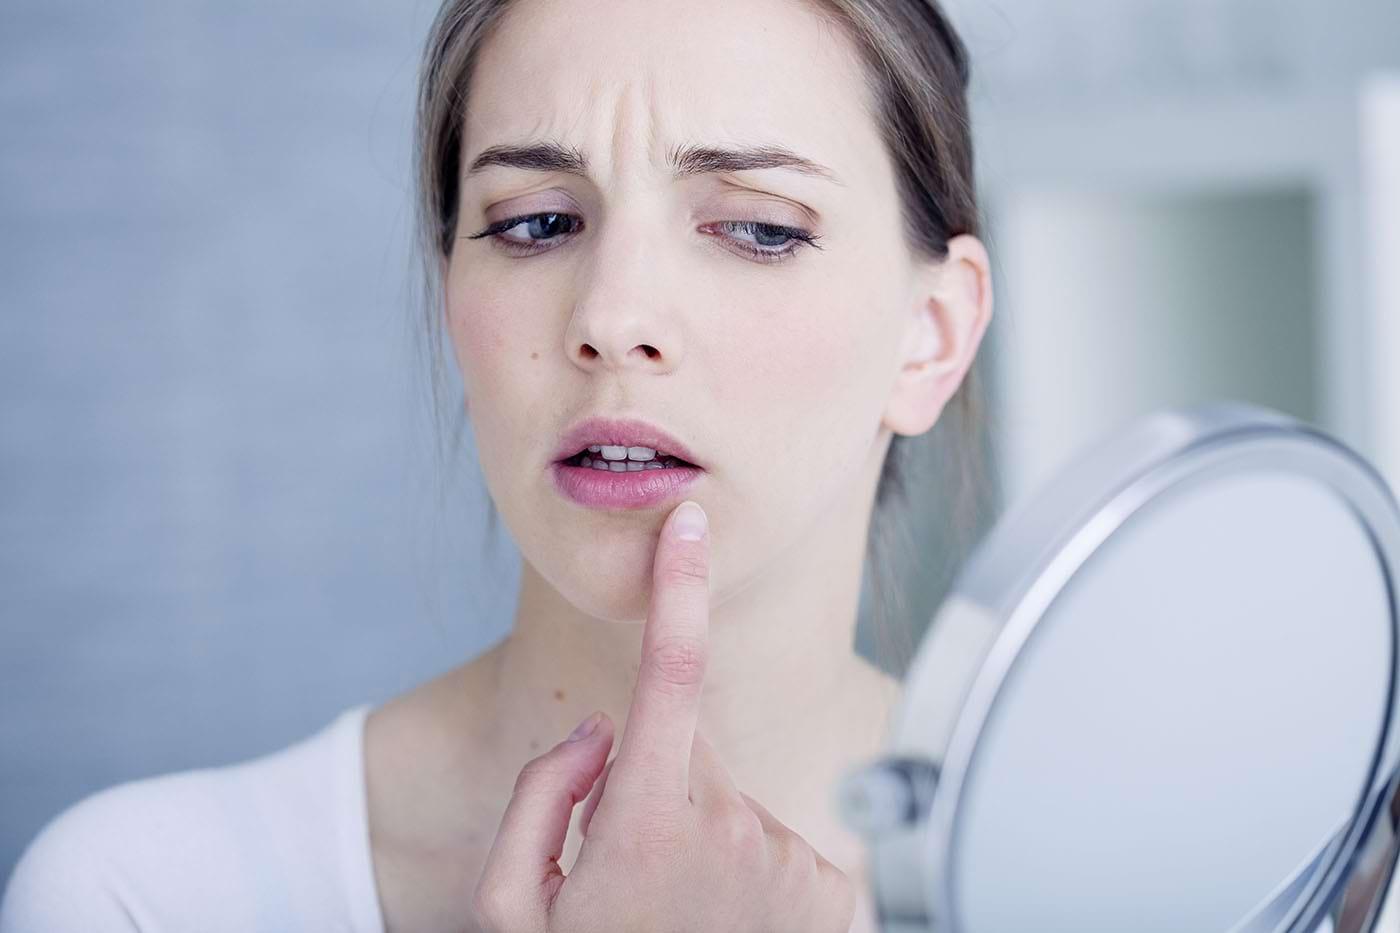 Stresul și boala declanșează episoadele de herpes. Cum are loc procesul?